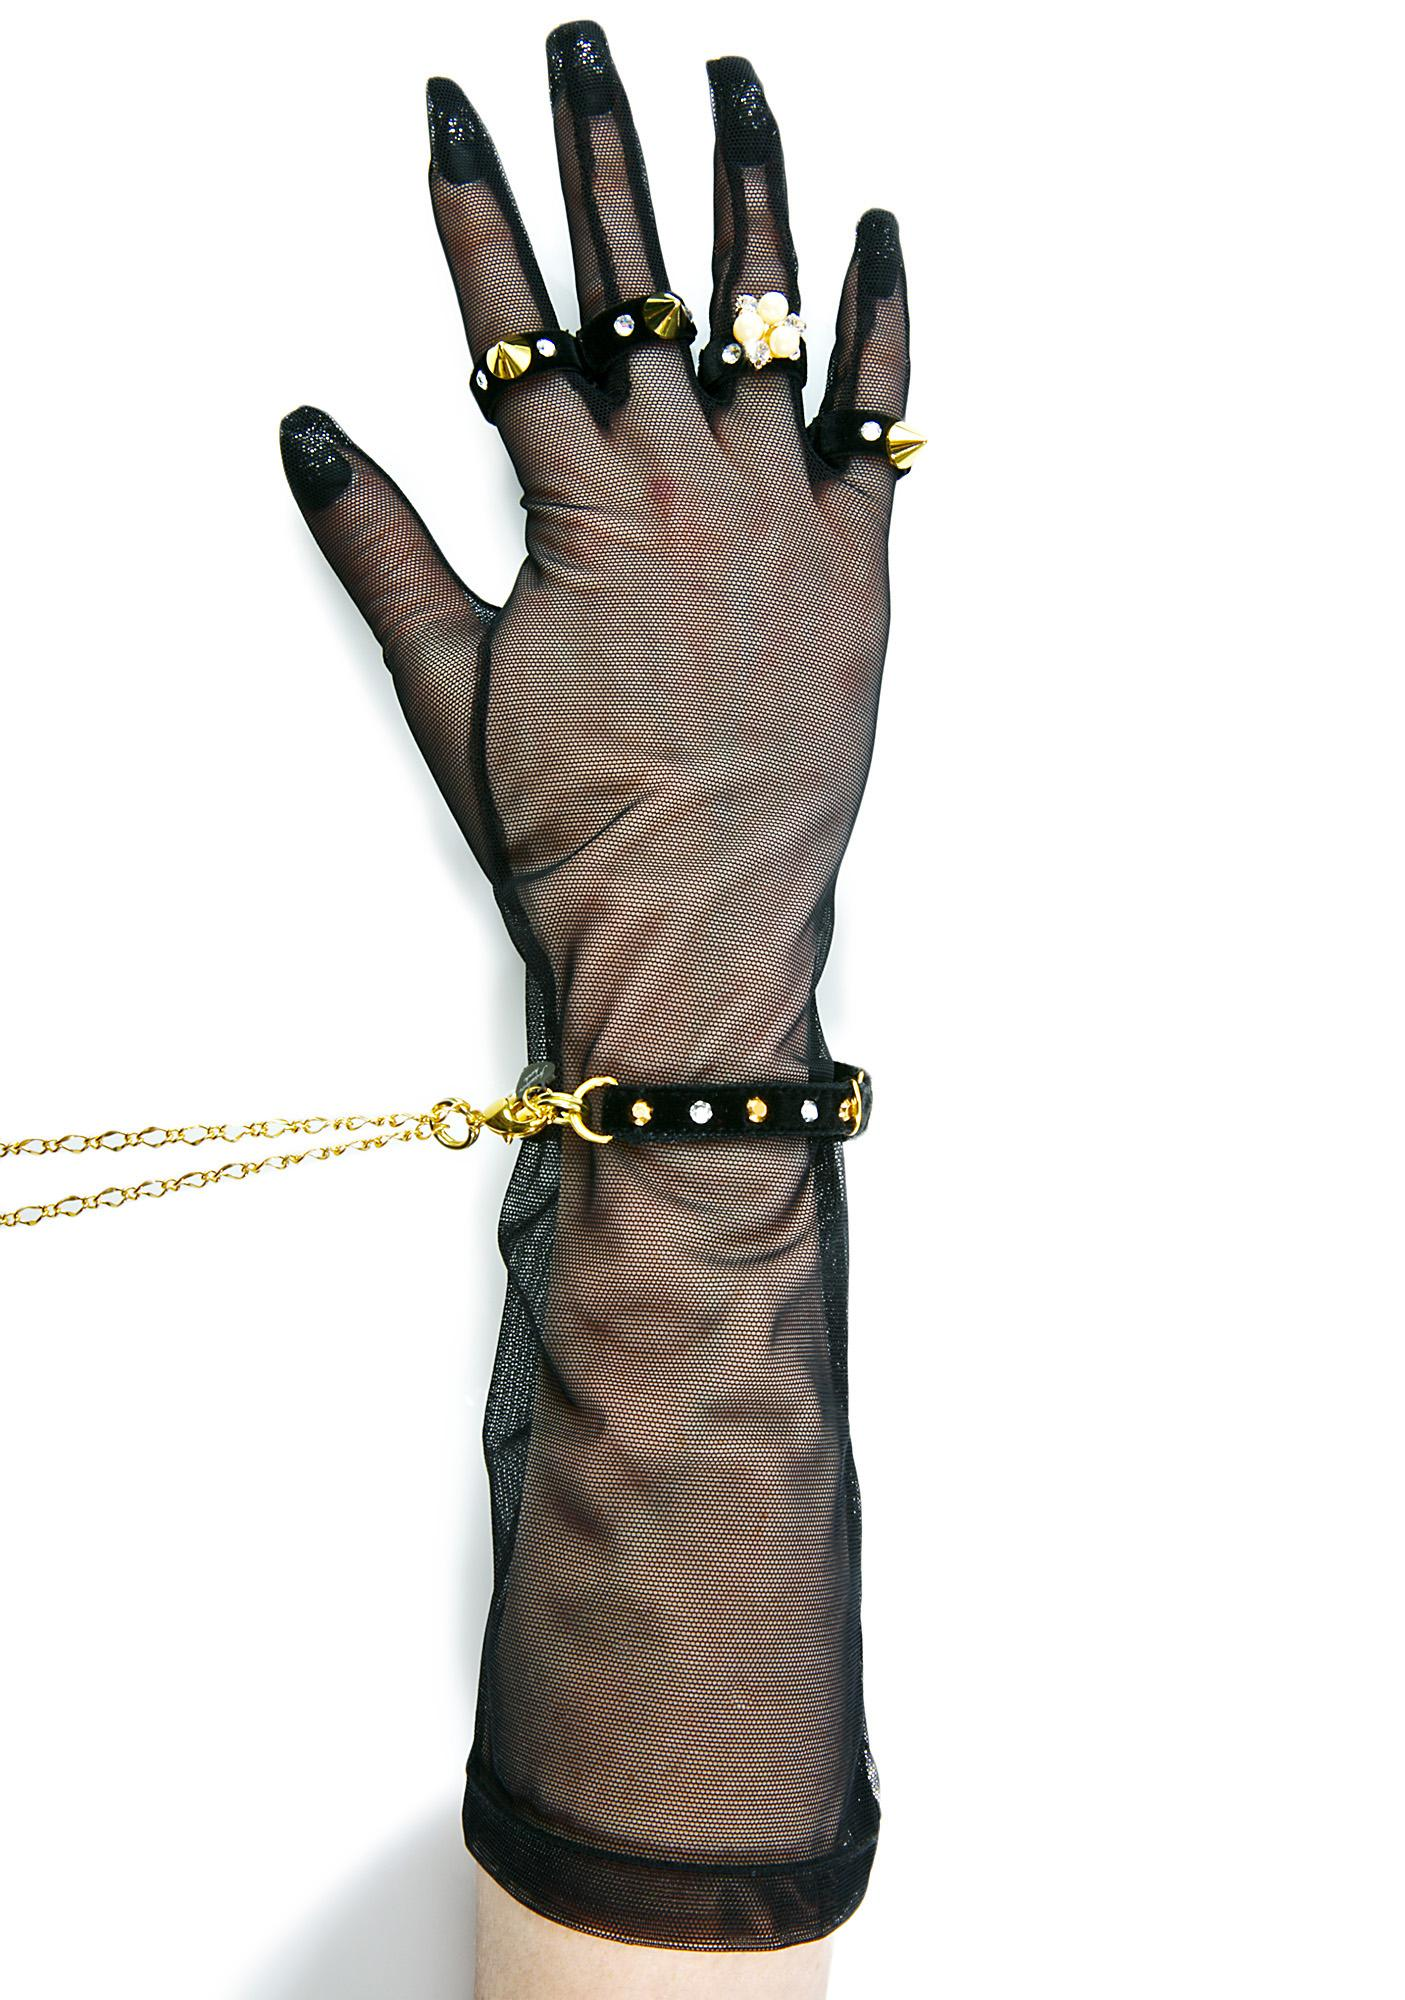 Fraulein Kink Tulle Glove Handcuffs